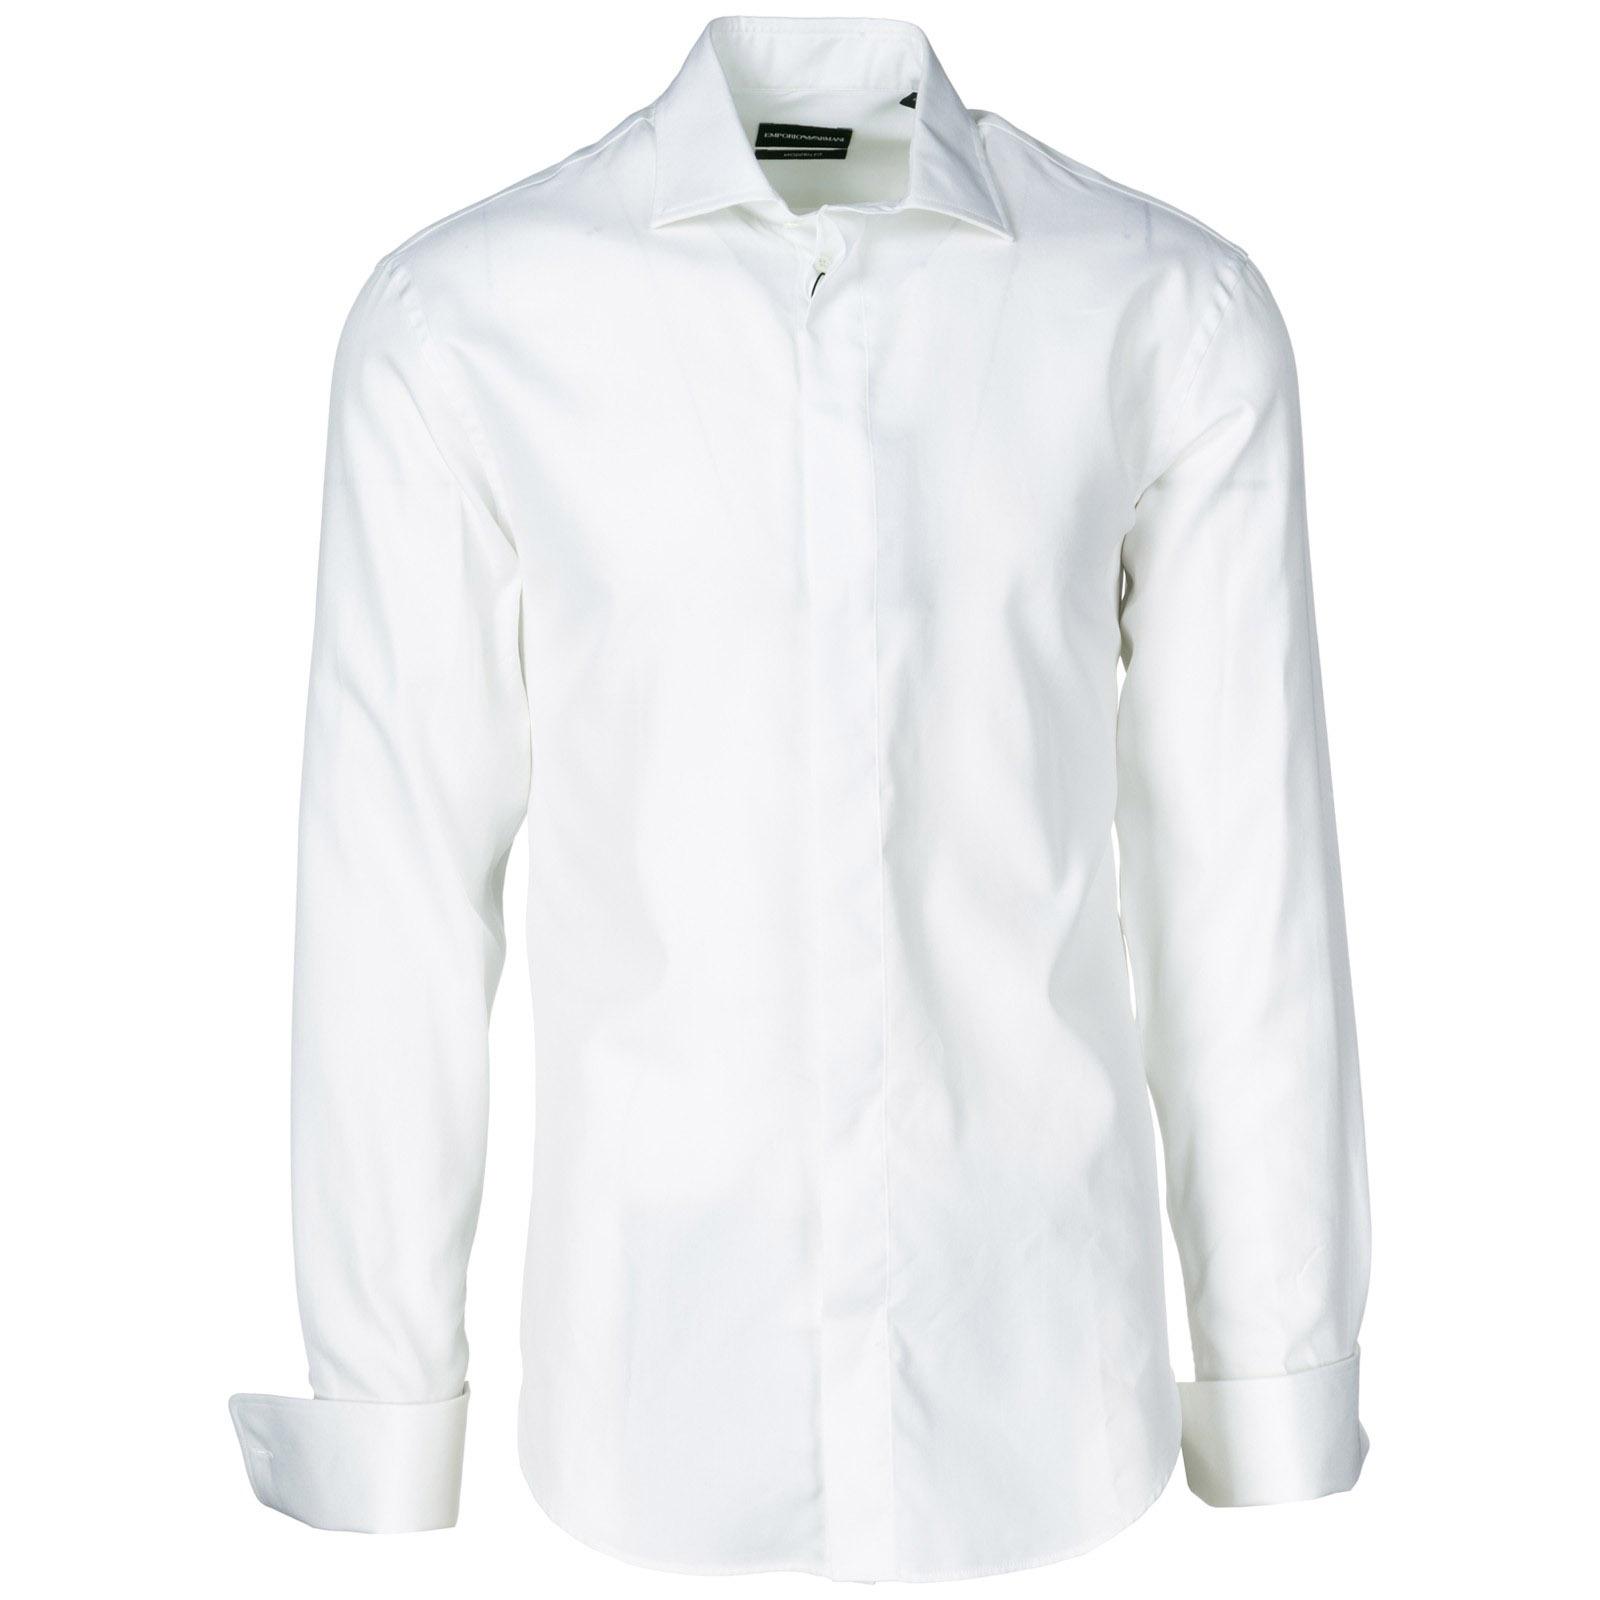 Camicia uomo maniche lunghe modern fit